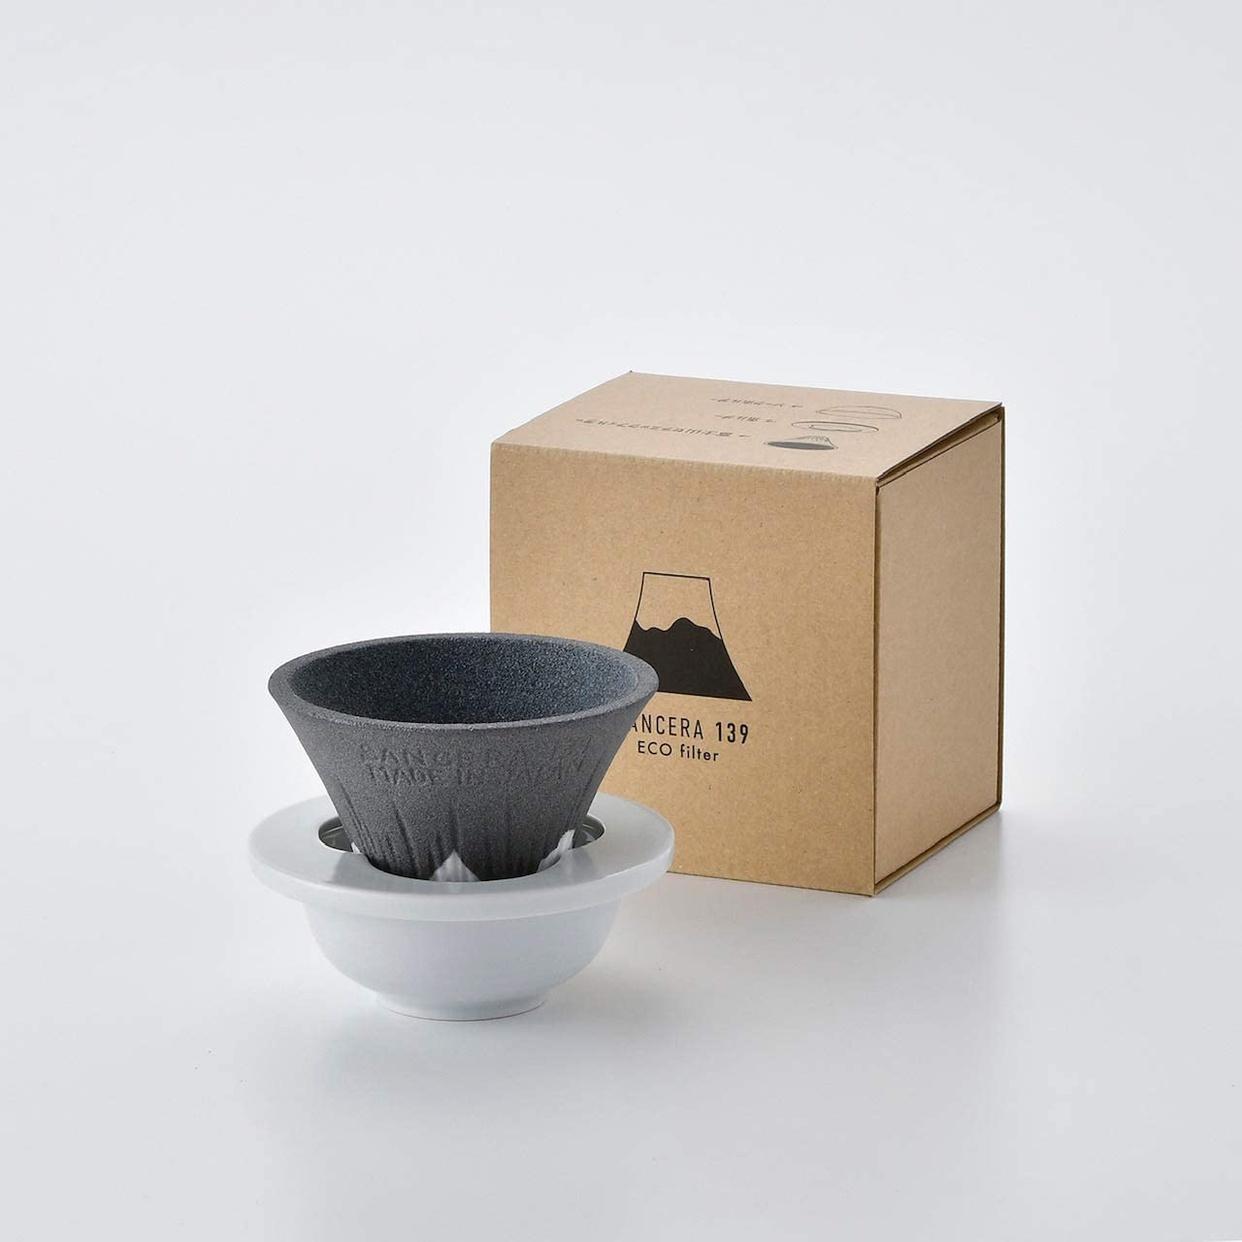 LI:FIL(リフィル) Fuji 波佐見焼きコーヒーフィルター・ドリッパーの商品画像